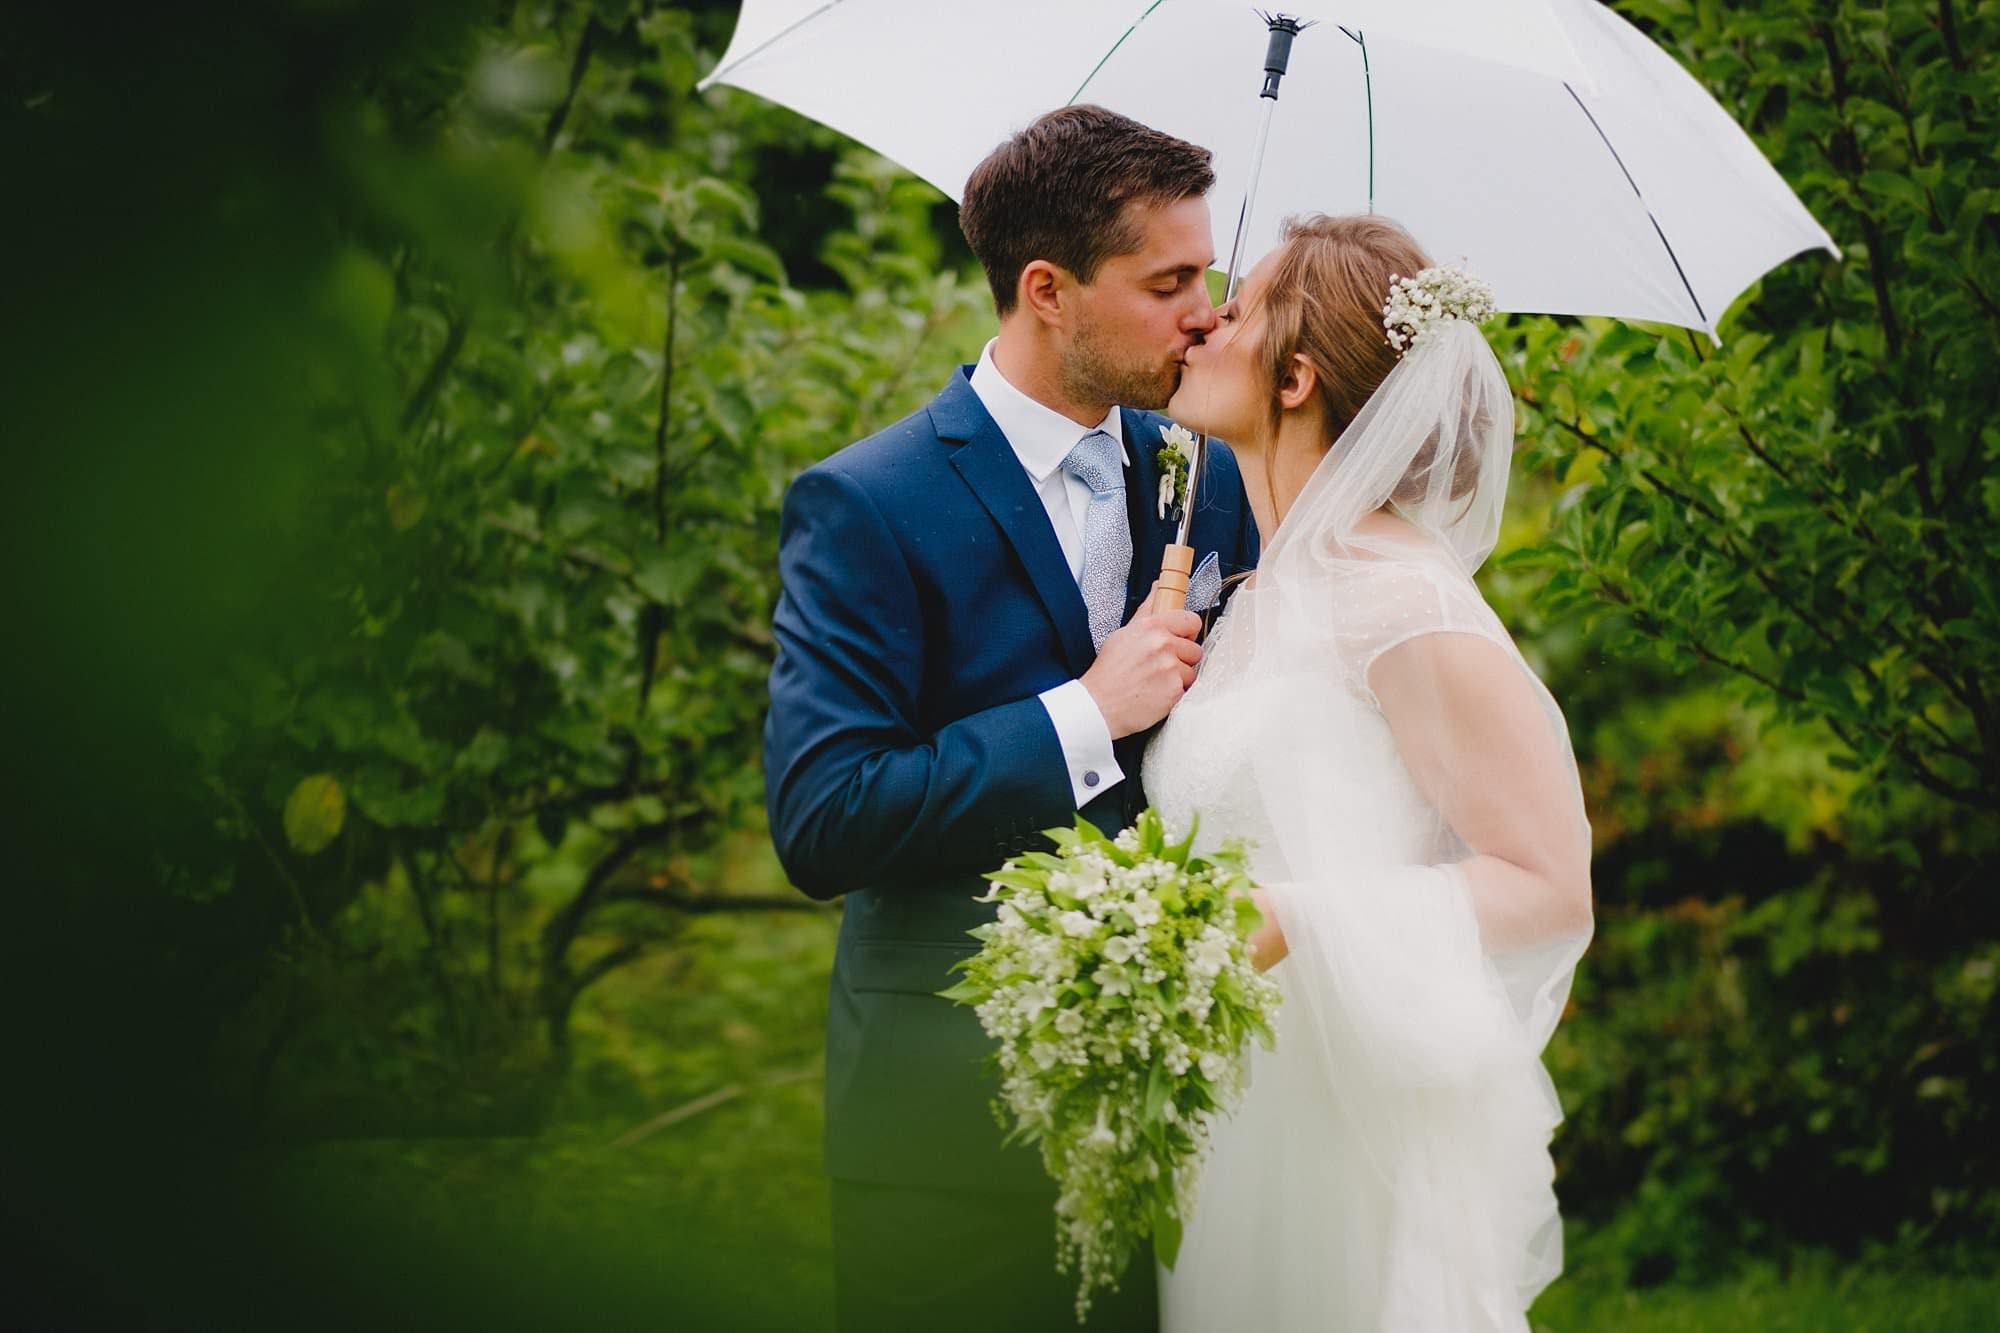 ashtead london wedding photographer 058 - Rachel & Jonny's Ashtead Wedding